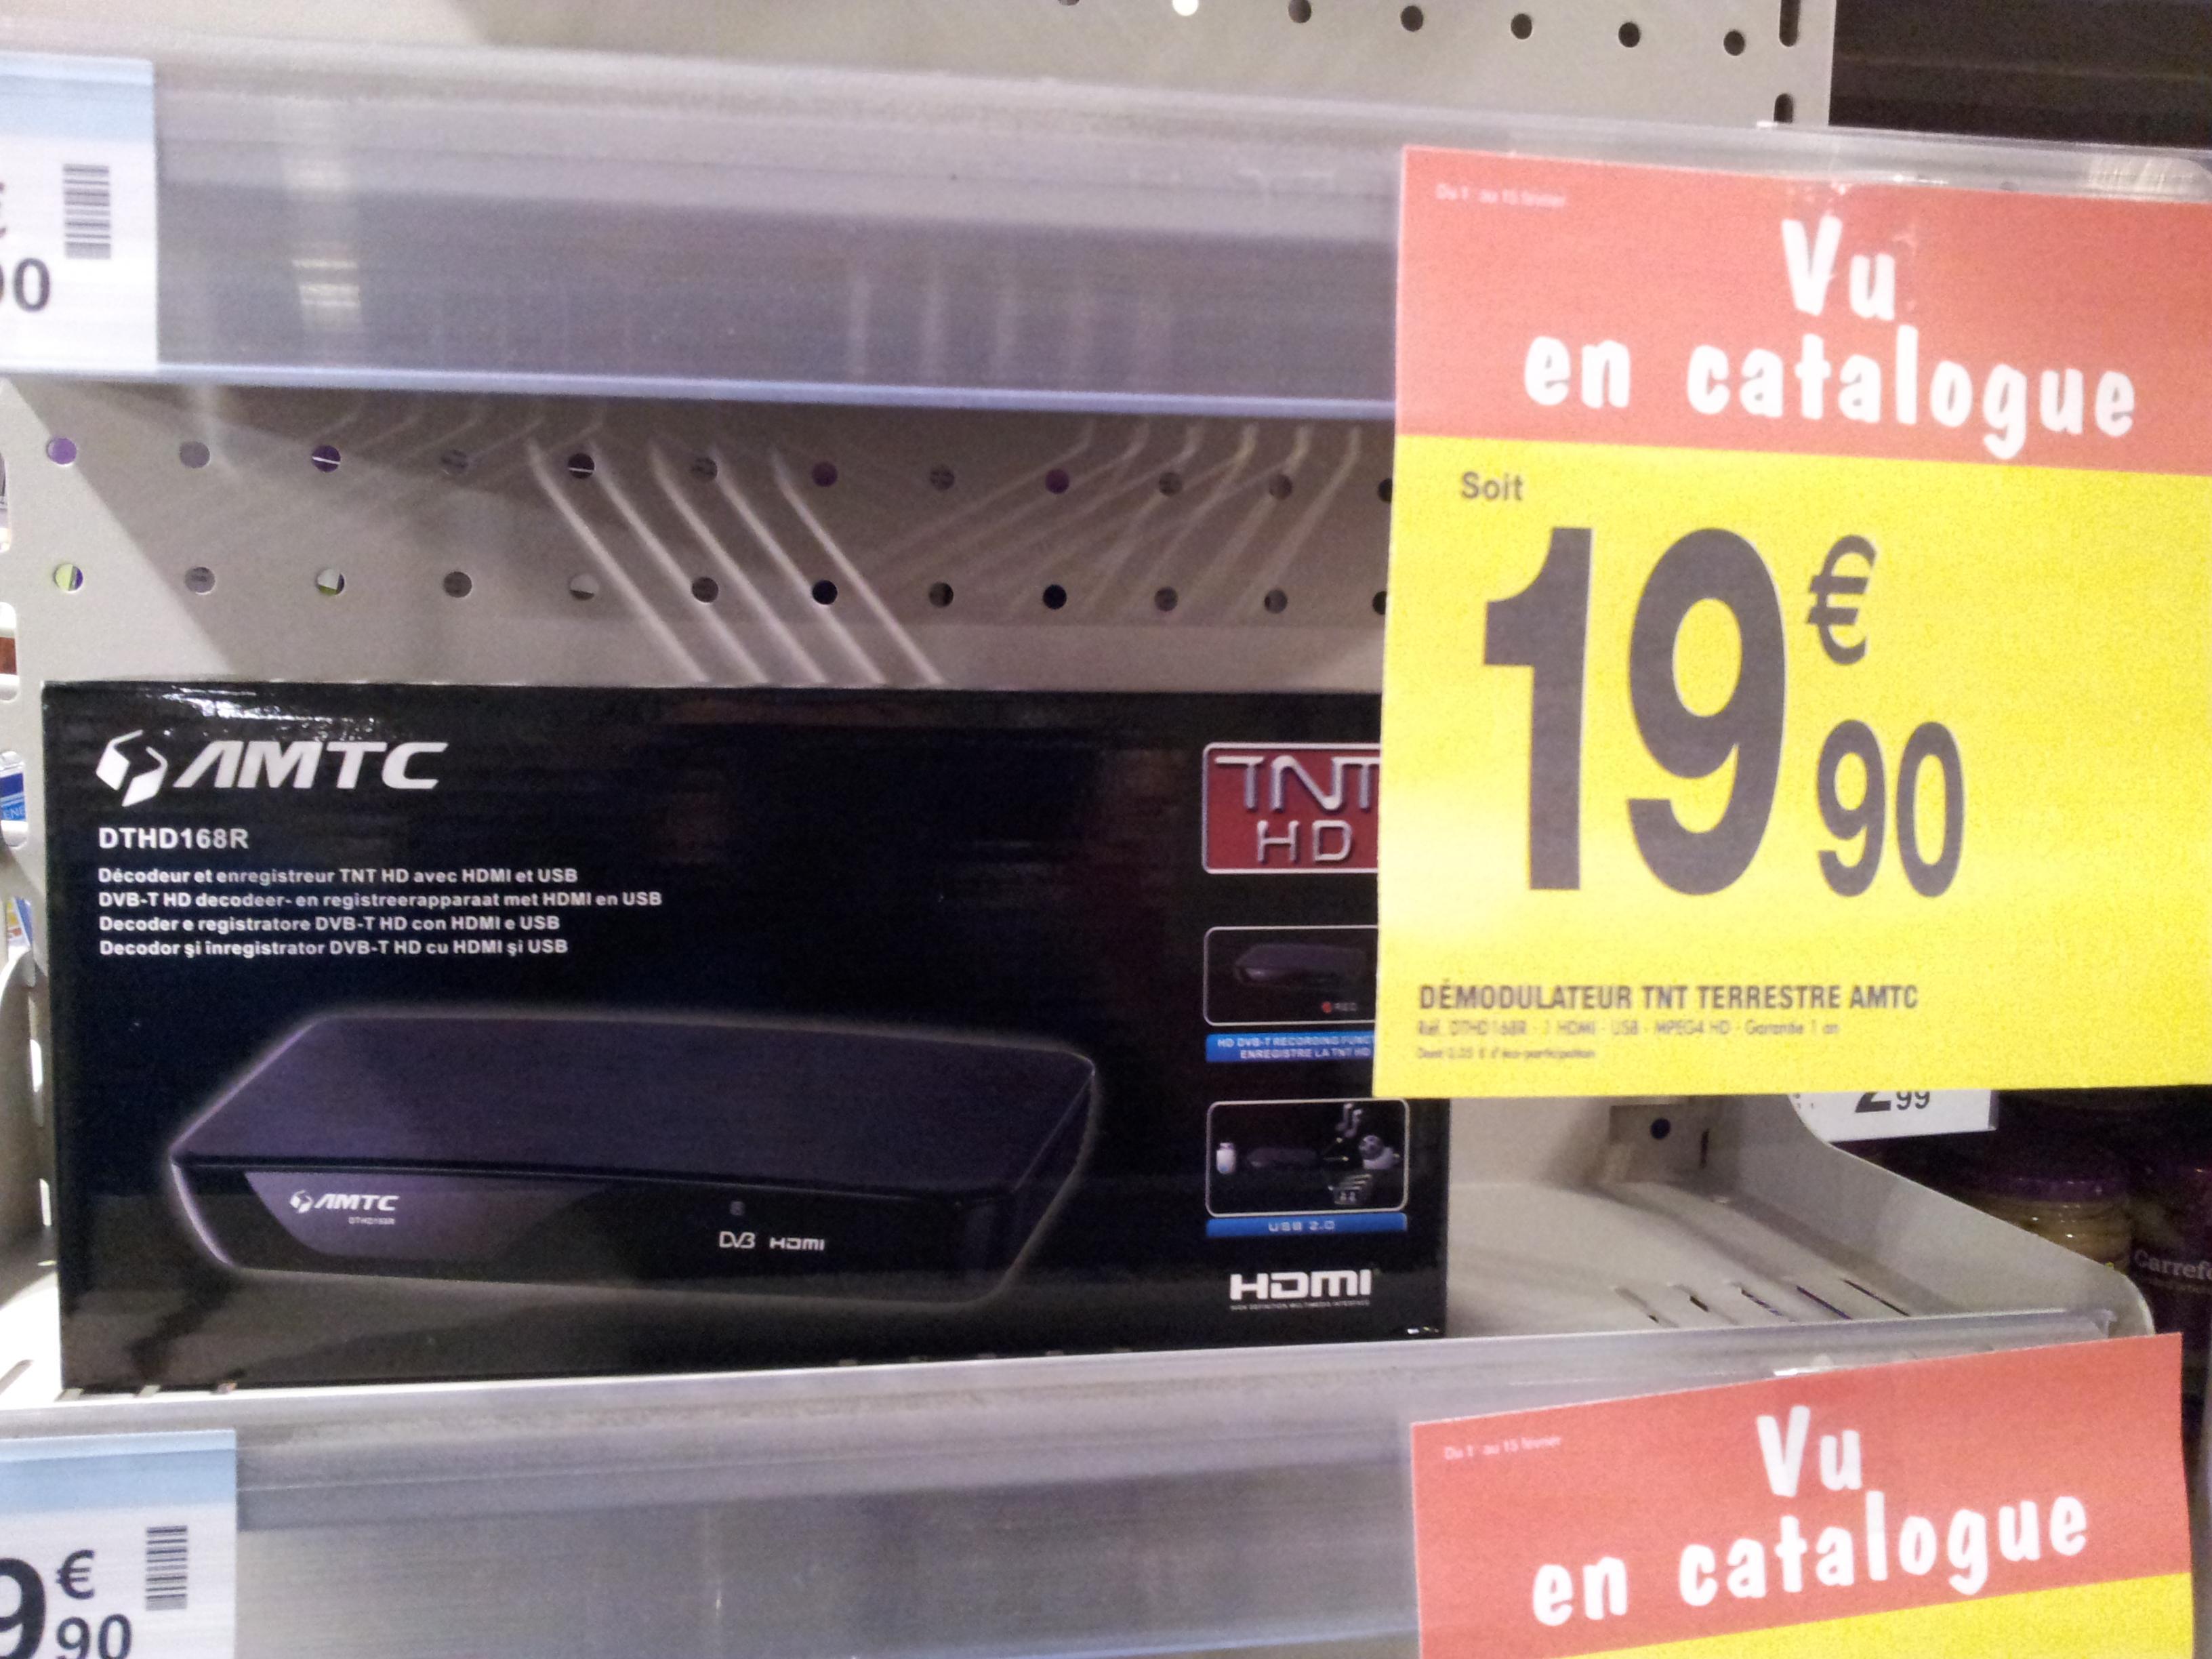 Récepteur numérique TNT HD AMTC DTHD168R (HDMI/USB)